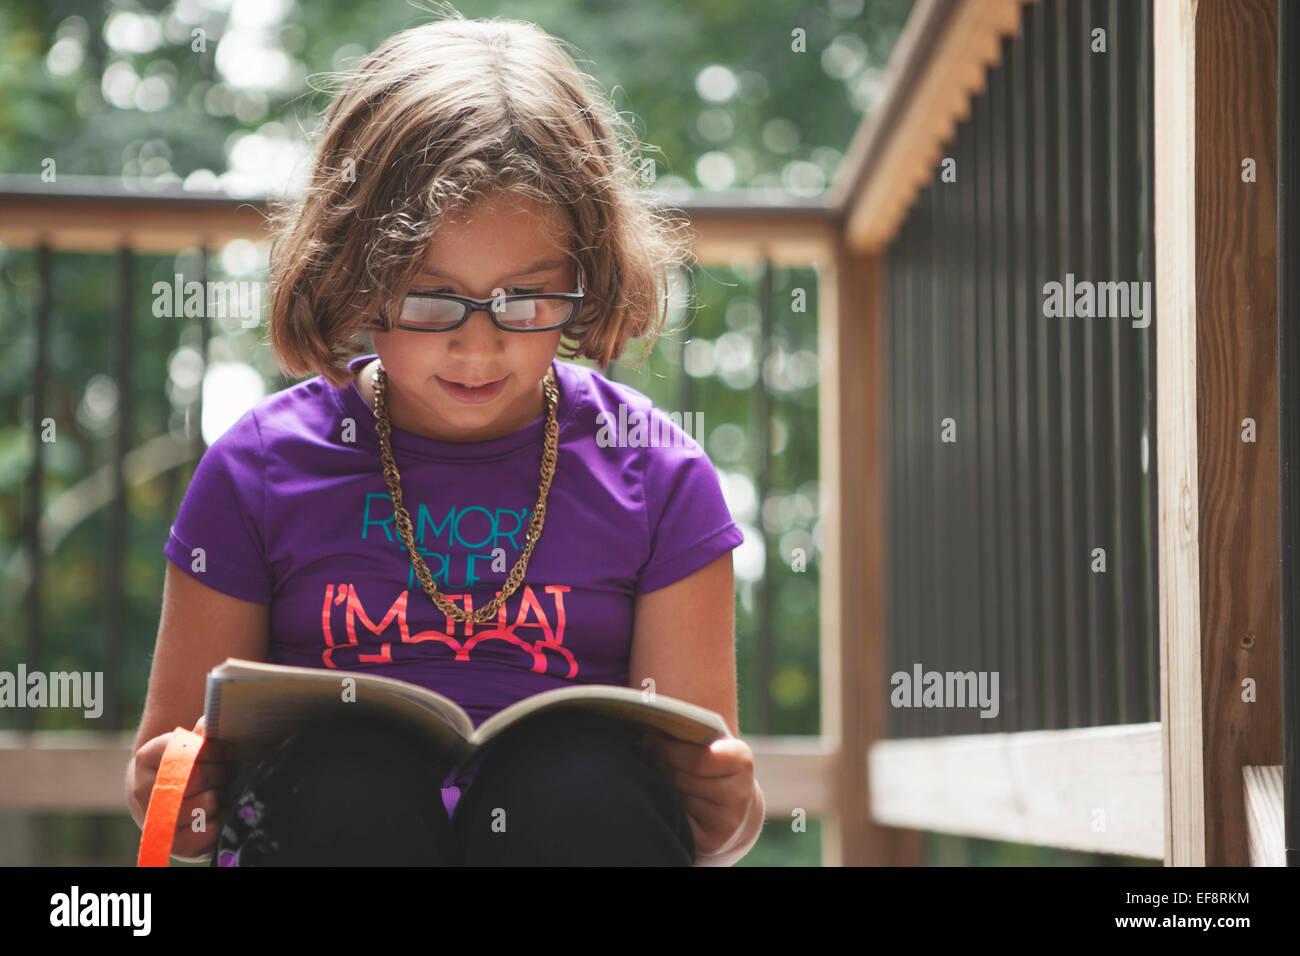 Girl (6-7) reading book sur balcon Photo Stock